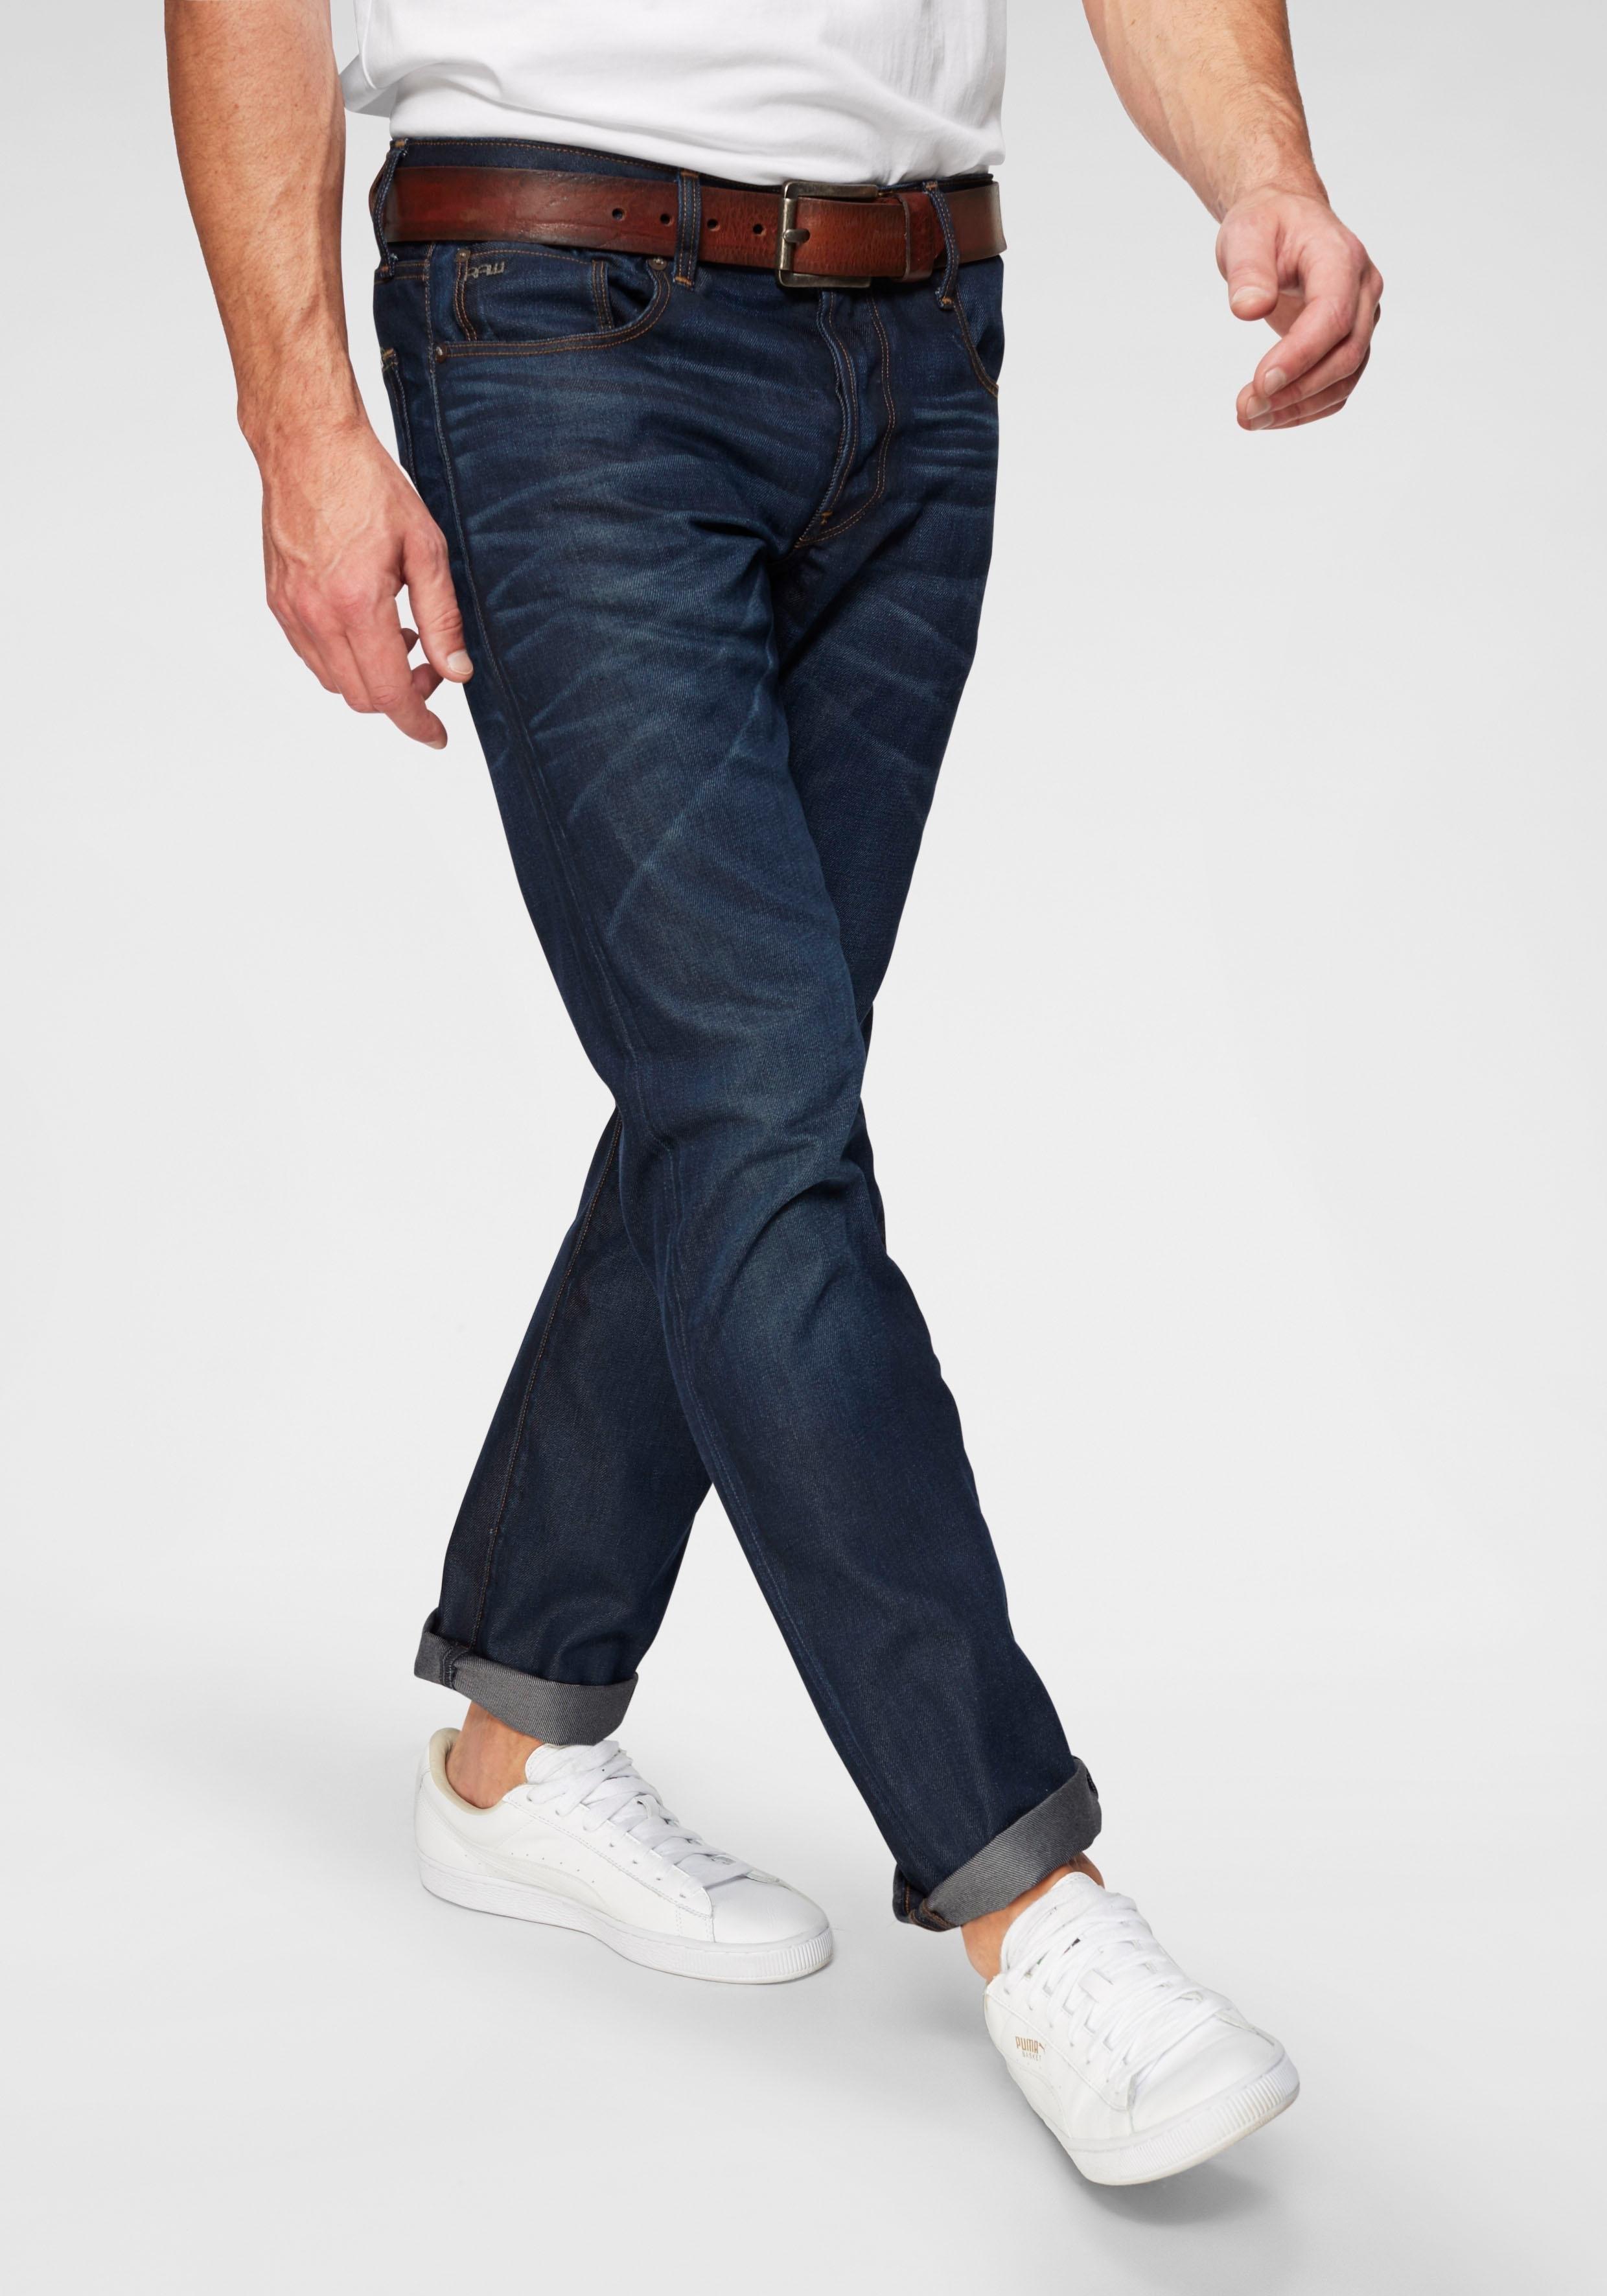 G-Star Raw G-STAR straight-jeans »3301 Straight« bestellen: 30 dagen bedenktijd